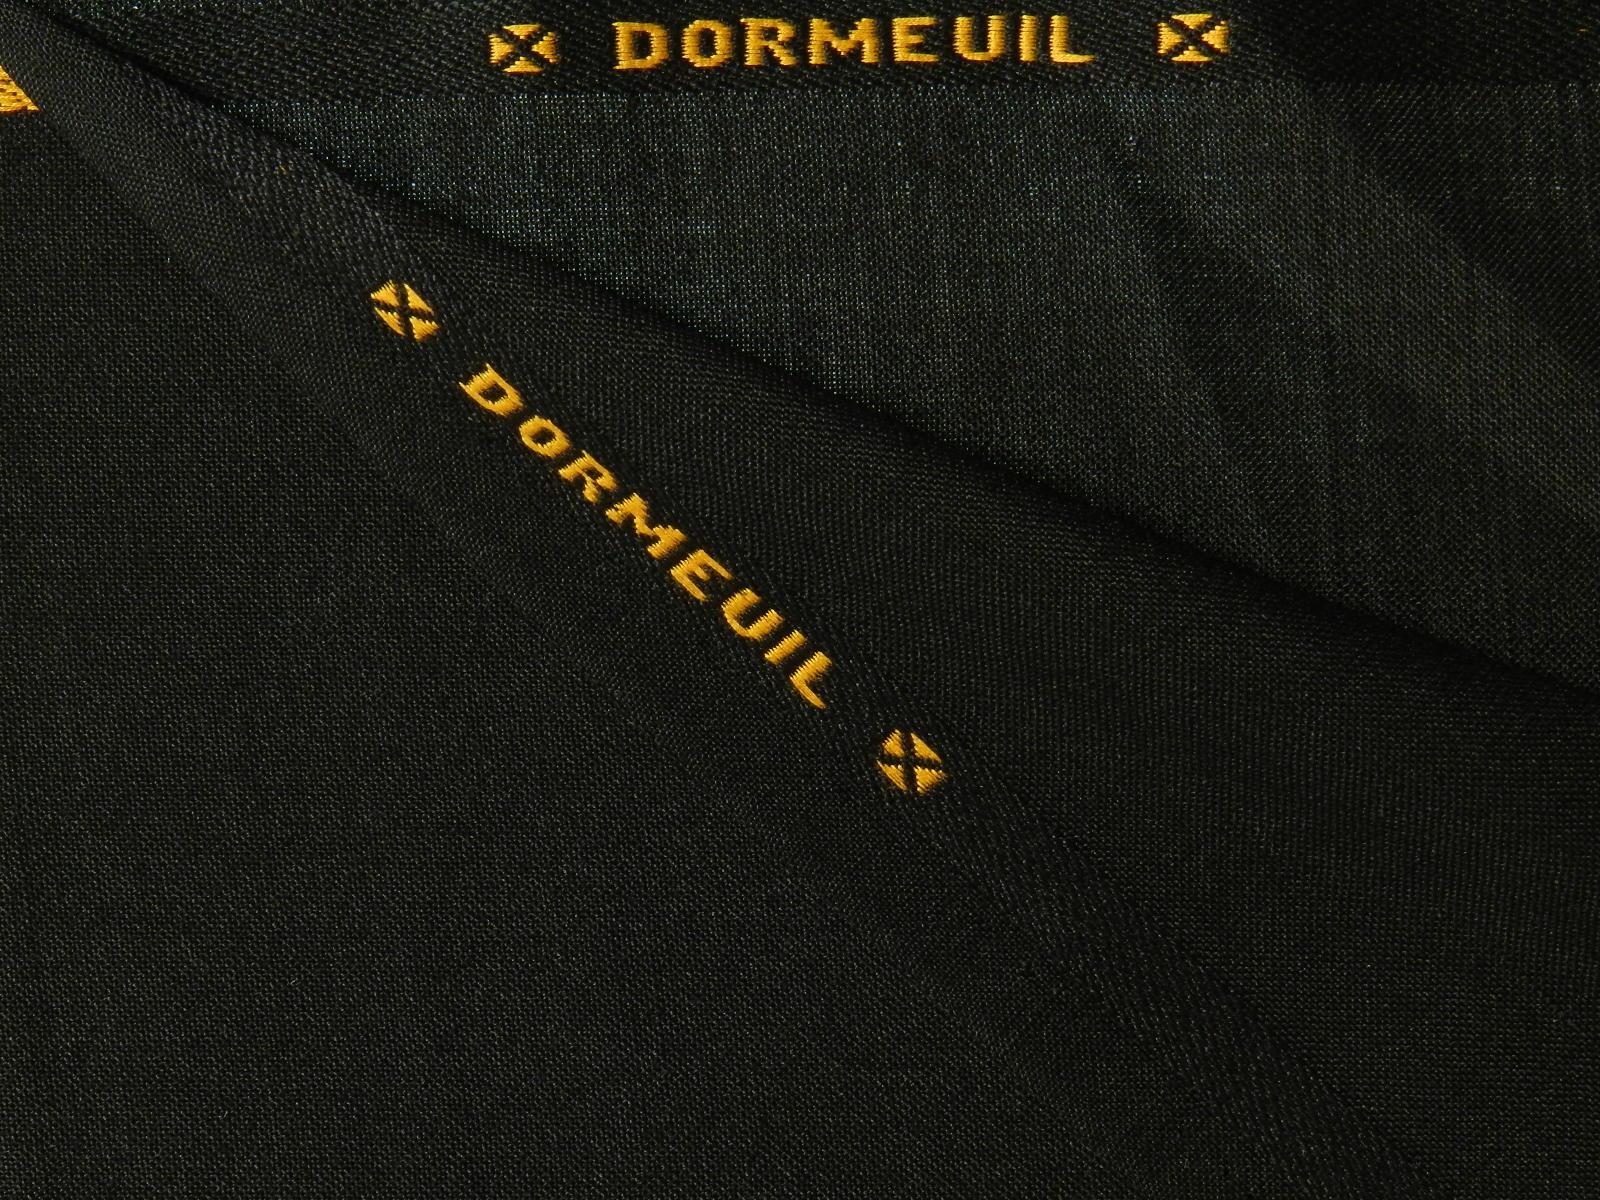 DORMEUIL(ドーメル) / ブラック 系 / 織り柄 系